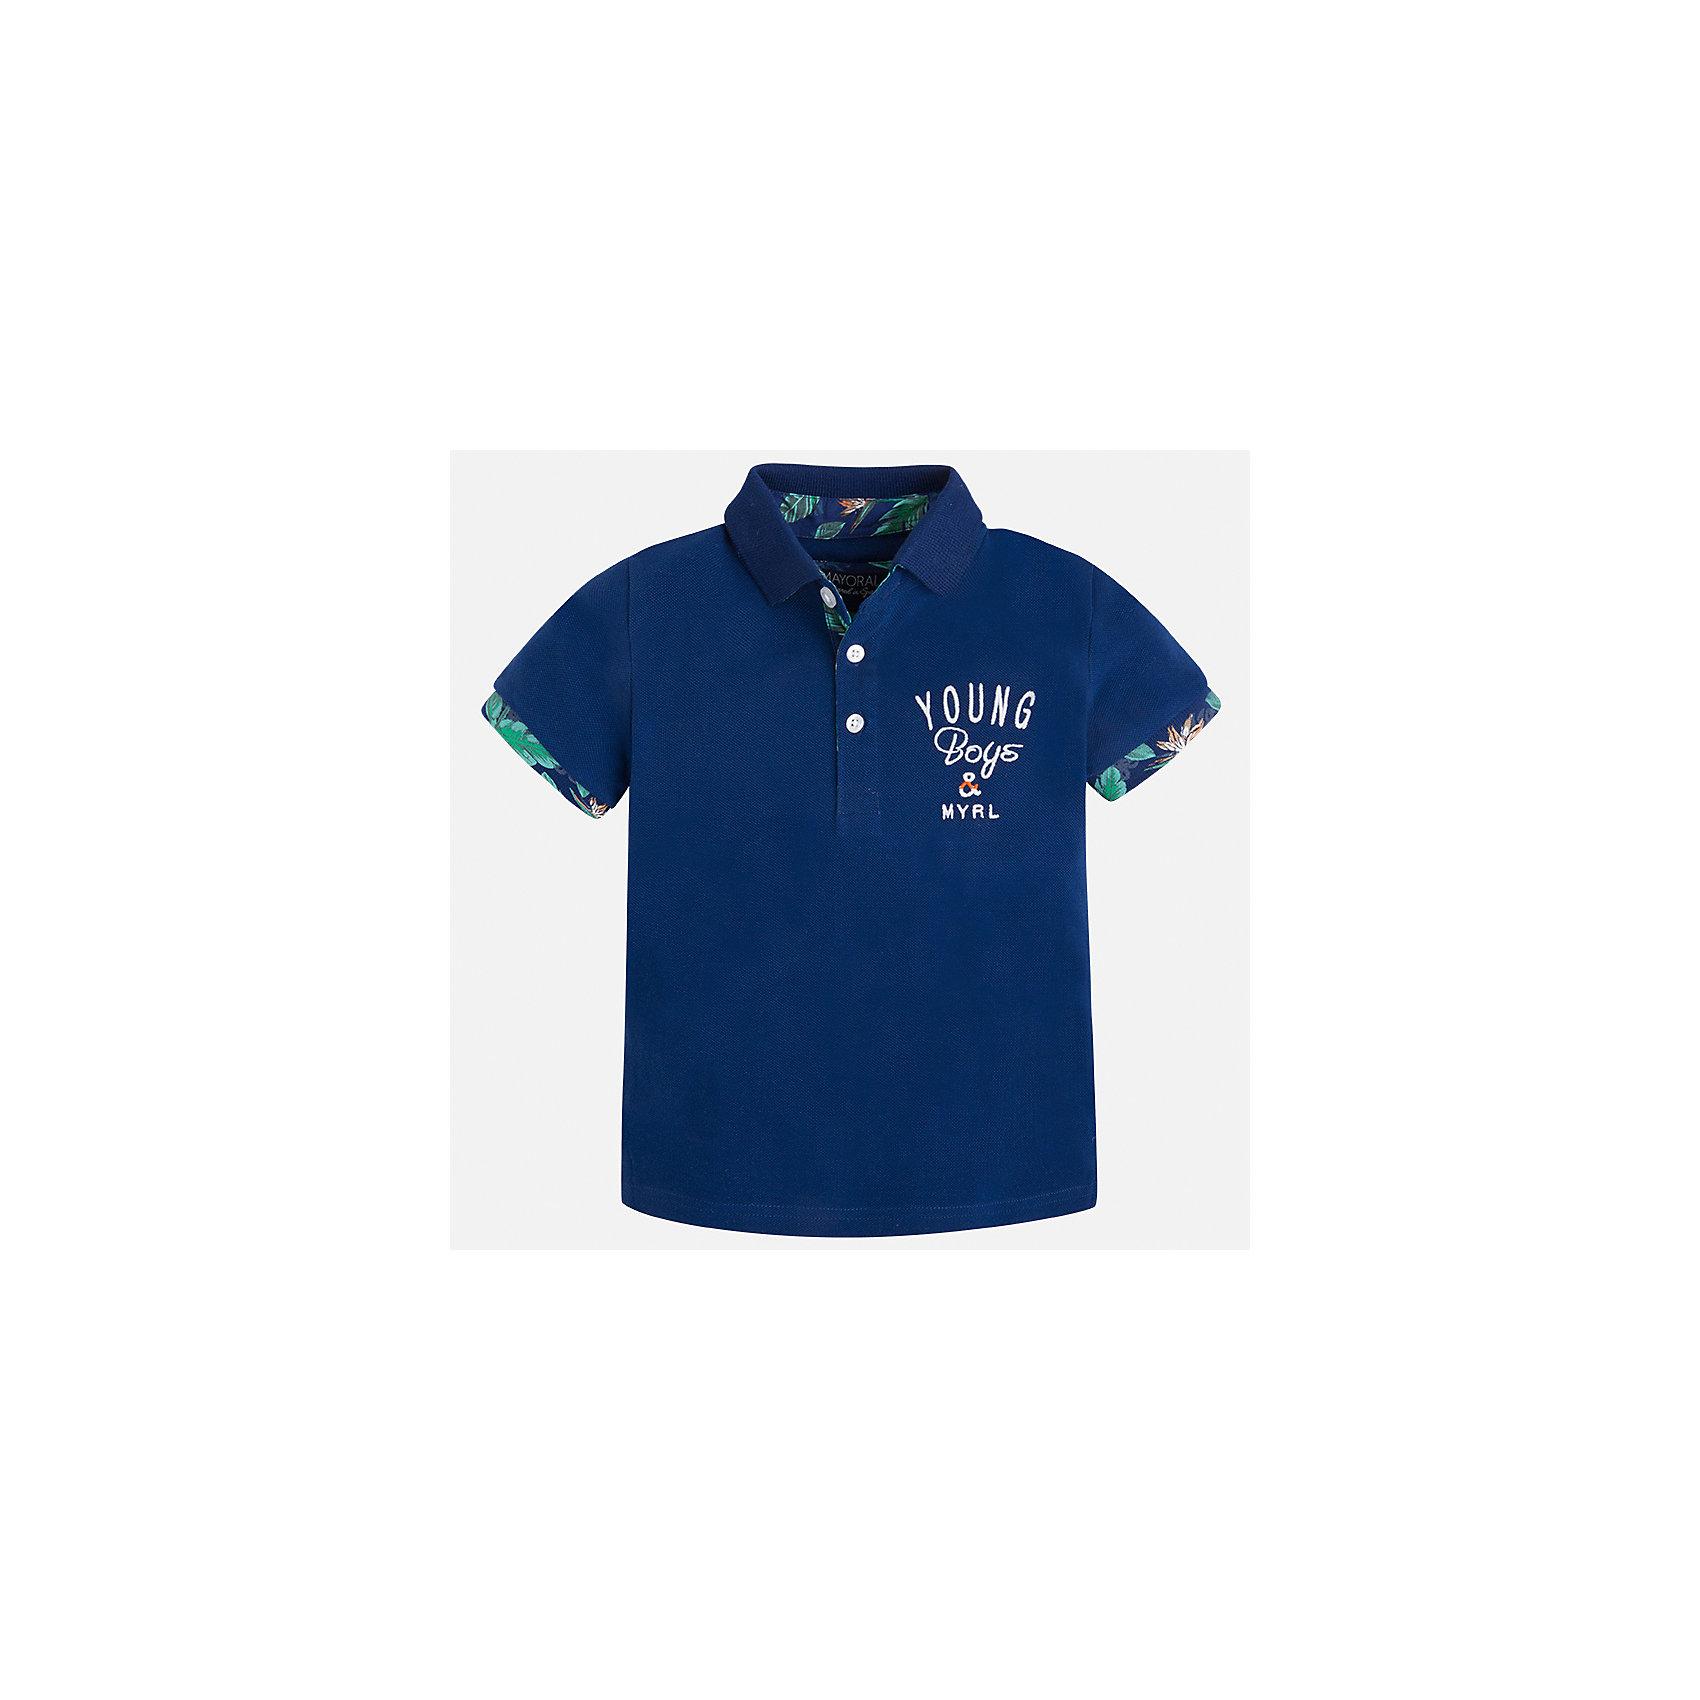 Футболка-поло для мальчика MayoralФутболки, поло и топы<br>Характеристики товара:<br><br>• цвет: синий<br>• состав: 100% хлопок<br>• отложной воротник<br>• короткие рукава<br>• застежка: пуговицы<br>• декорирована вышивкой<br>• страна бренда: Испания<br><br>Модная футболка-поло для мальчика может стать базовой вещью в гардеробе ребенка. Она отлично сочетается с брюками, шортами, джинсами и т.д. Универсальный крой и цвет позволяет подобрать к вещи низ разных расцветок. Практичное и стильное изделие! В составе материала - только натуральный хлопок, гипоаллергенный, приятный на ощупь, дышащий.<br><br>Одежда, обувь и аксессуары от испанского бренда Mayoral полюбились детям и взрослым по всему миру. Модели этой марки - стильные и удобные. Для их производства используются только безопасные, качественные материалы и фурнитура. Порадуйте ребенка модными и красивыми вещами от Mayoral! <br><br>Футболку-поло для мальчика от испанского бренда Mayoral (Майорал) можно купить в нашем интернет-магазине.<br><br>Ширина мм: 199<br>Глубина мм: 10<br>Высота мм: 161<br>Вес г: 151<br>Цвет: синий<br>Возраст от месяцев: 96<br>Возраст до месяцев: 108<br>Пол: Мужской<br>Возраст: Детский<br>Размер: 134,92,98,104,110,116,122,128<br>SKU: 5280367